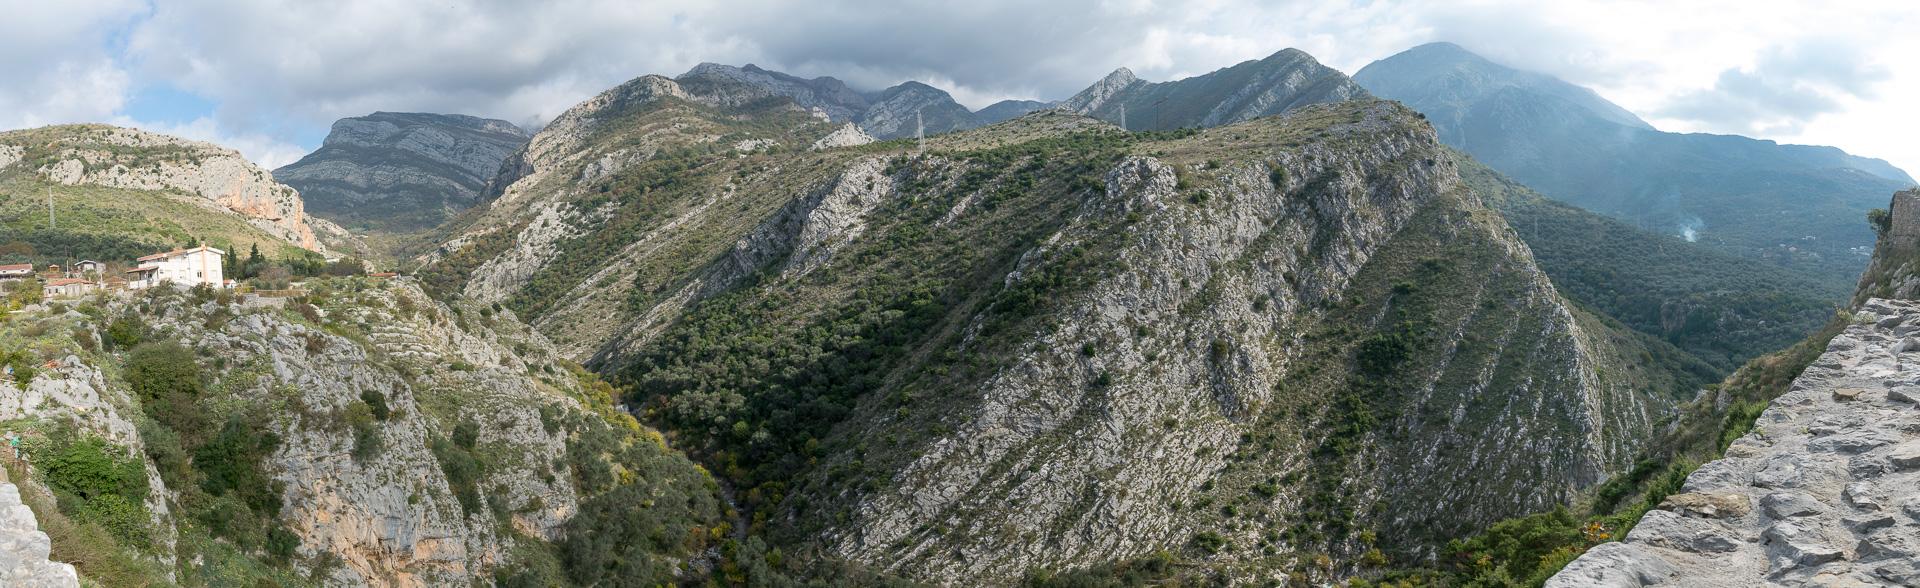 要塞跡から見るモンテネグロの山。起伏に富んだ地形のダイナミックさに釘付けになる